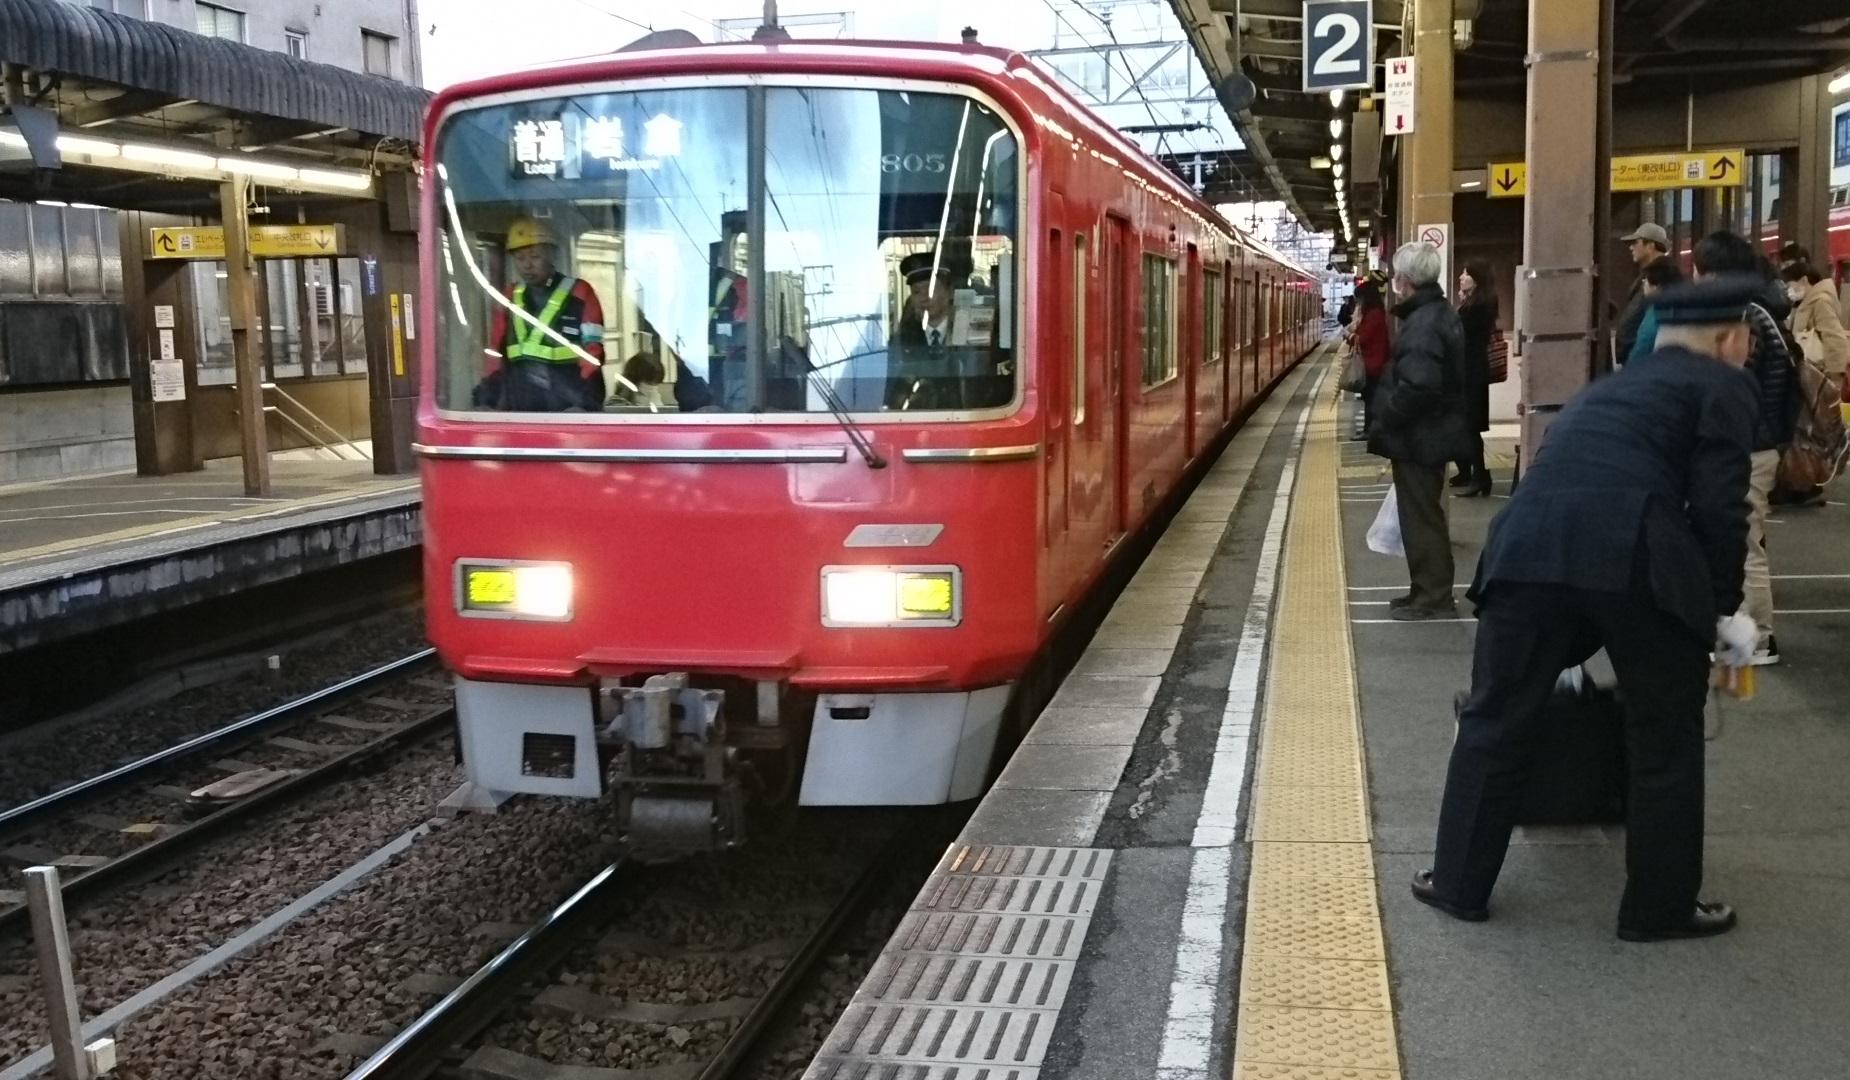 2016.12.27 しんあんじょうまで (3) 東岡崎 - 岩倉いきふつう(3805)1850-1080